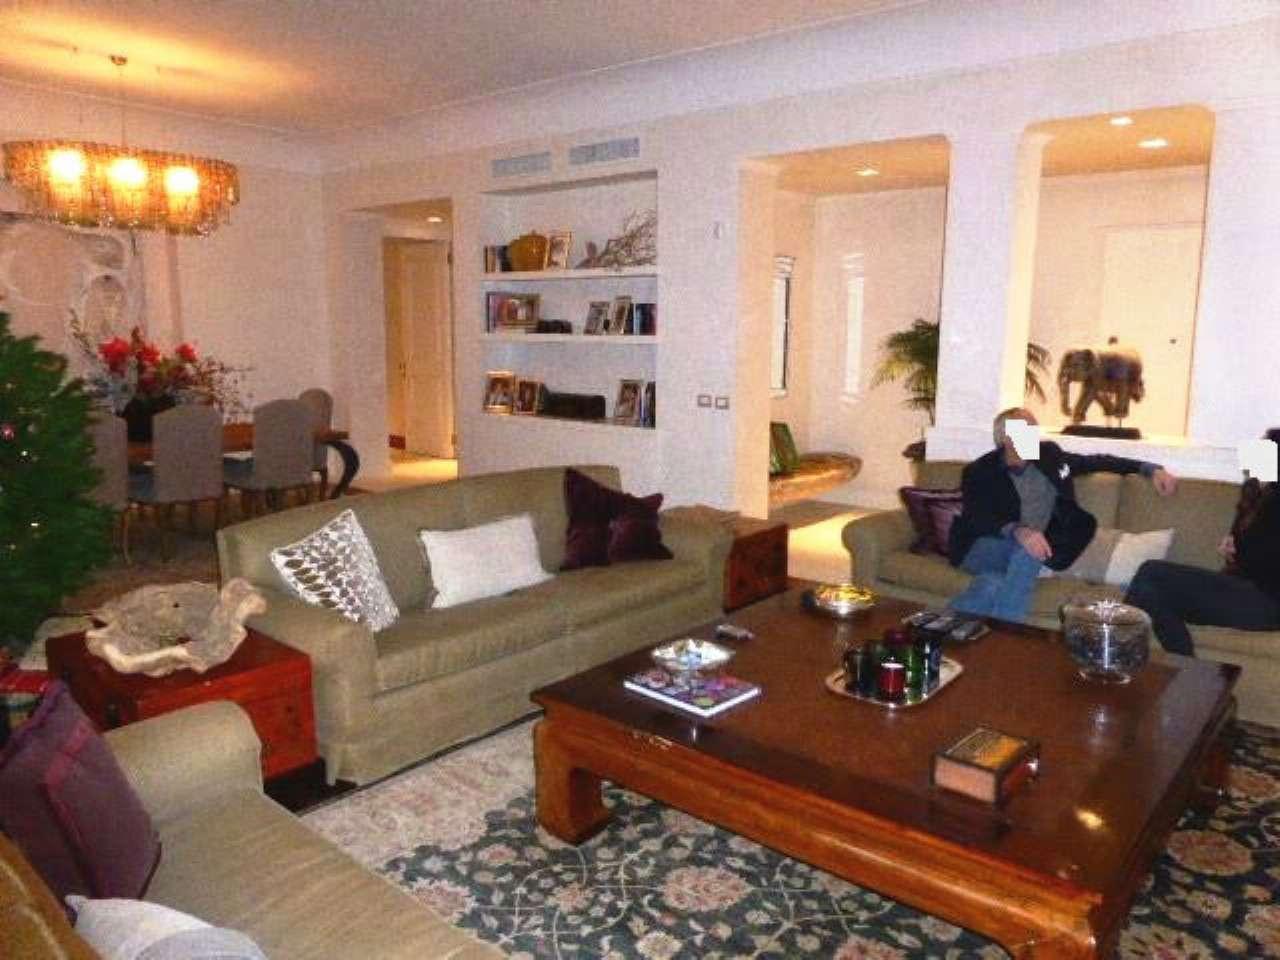 Appartamento in vendita a Milano, 4 locali, zona Zona: 8 . Bocconi, C.so Italia, Ticinese, Bligny, prezzo € 1.600.000   Cambio Casa.it